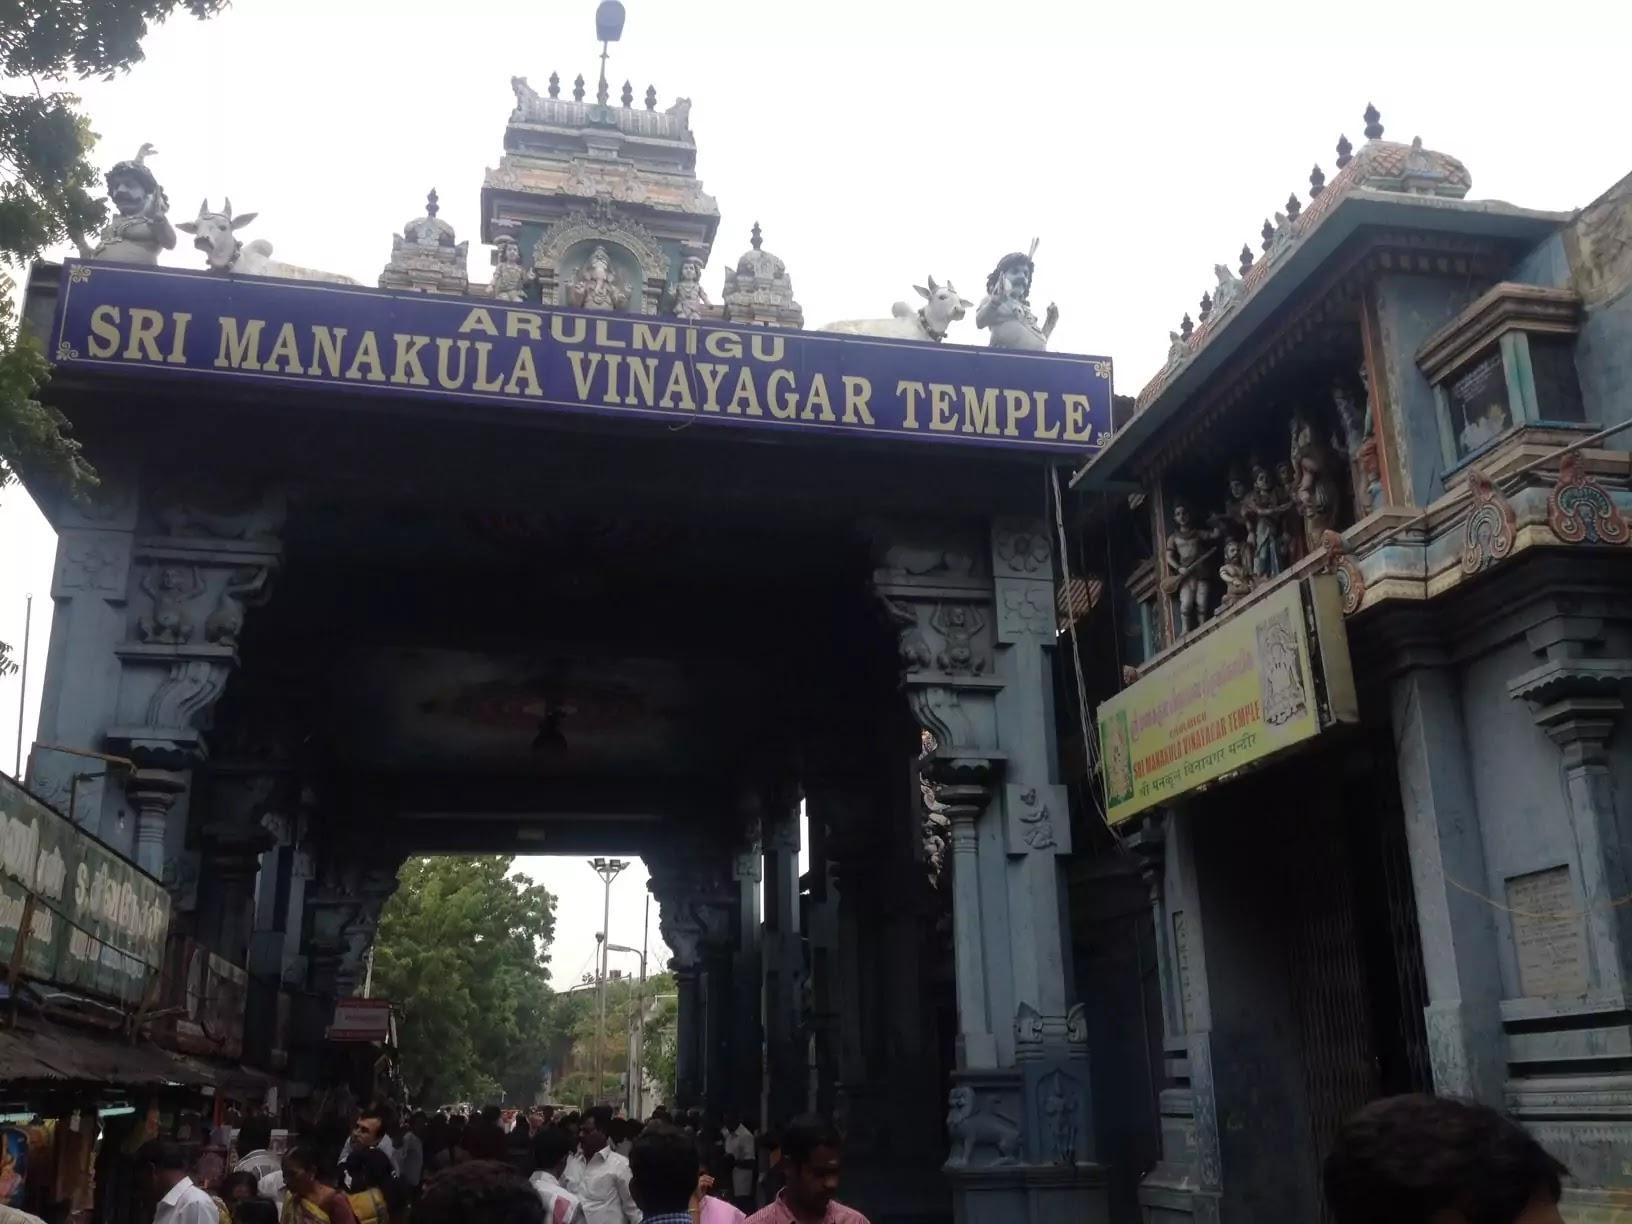 Manakula Vinayagar Ganesh Temple